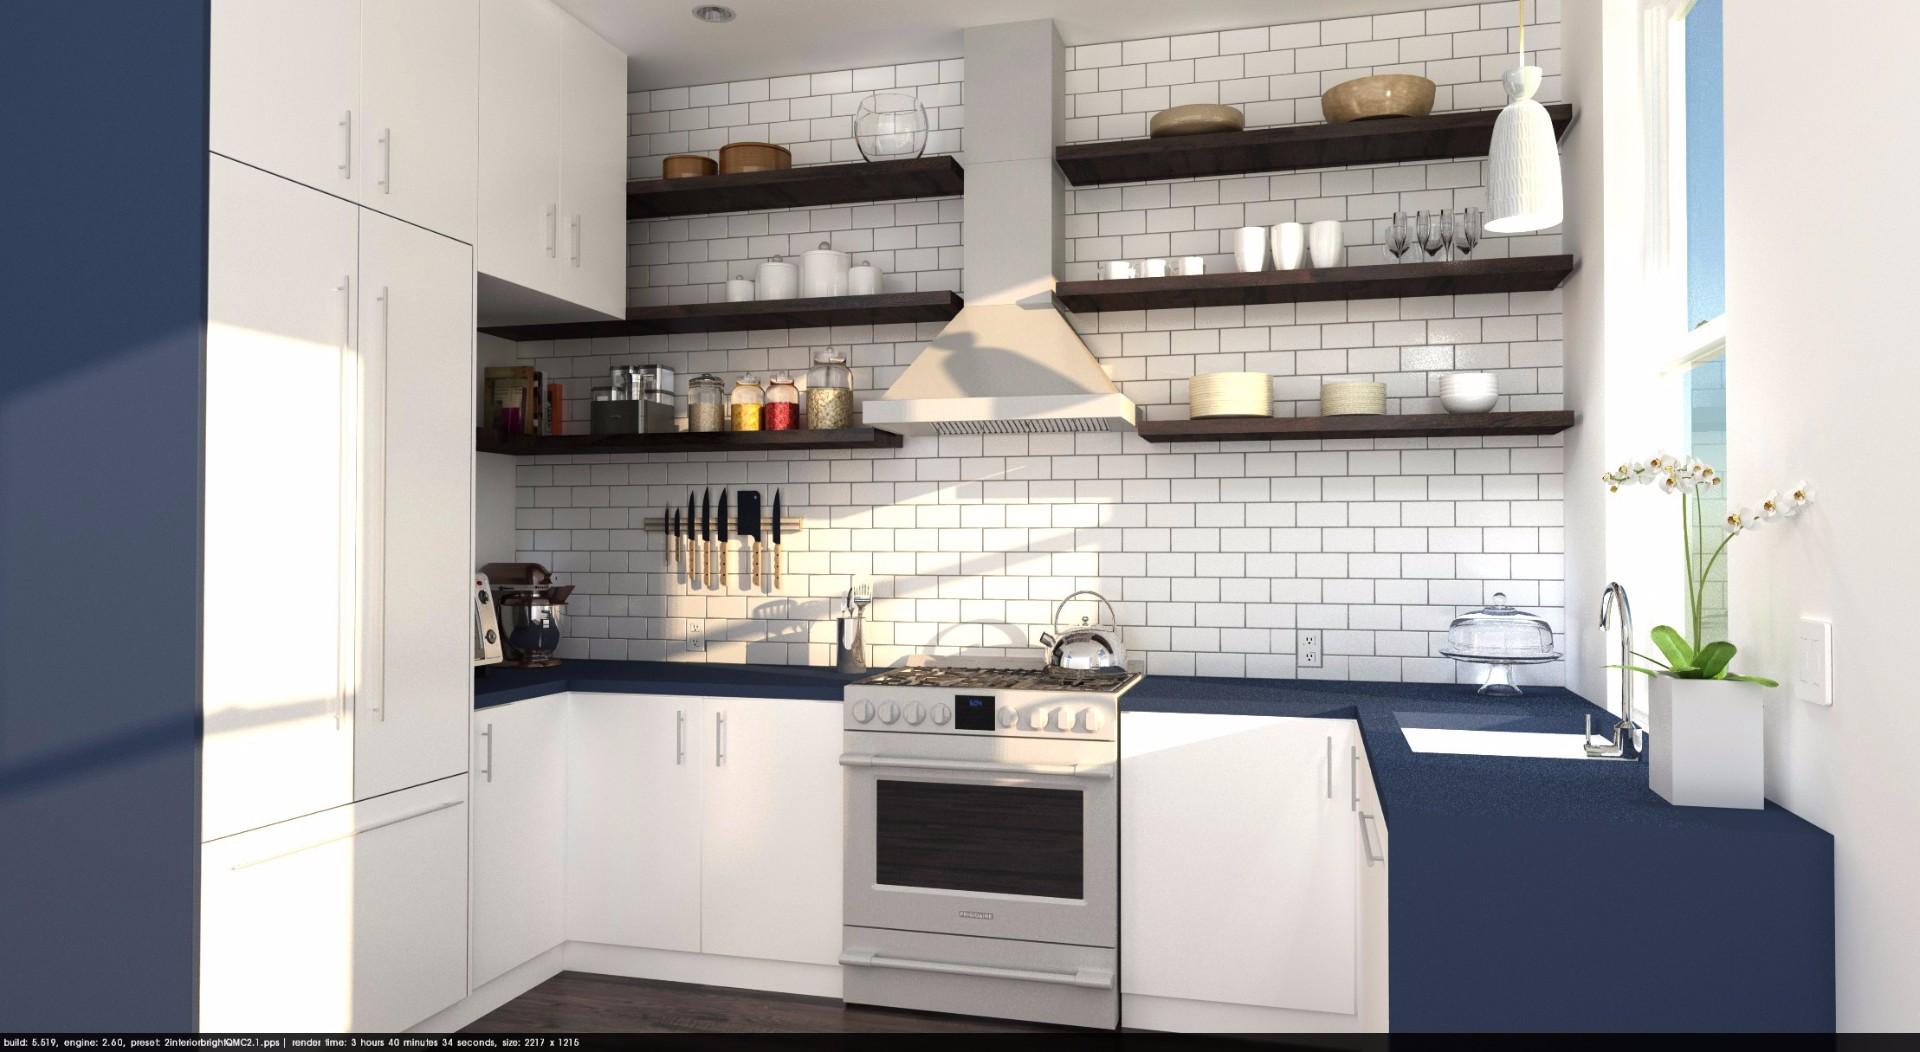 134_Kitchen_day2.jpg